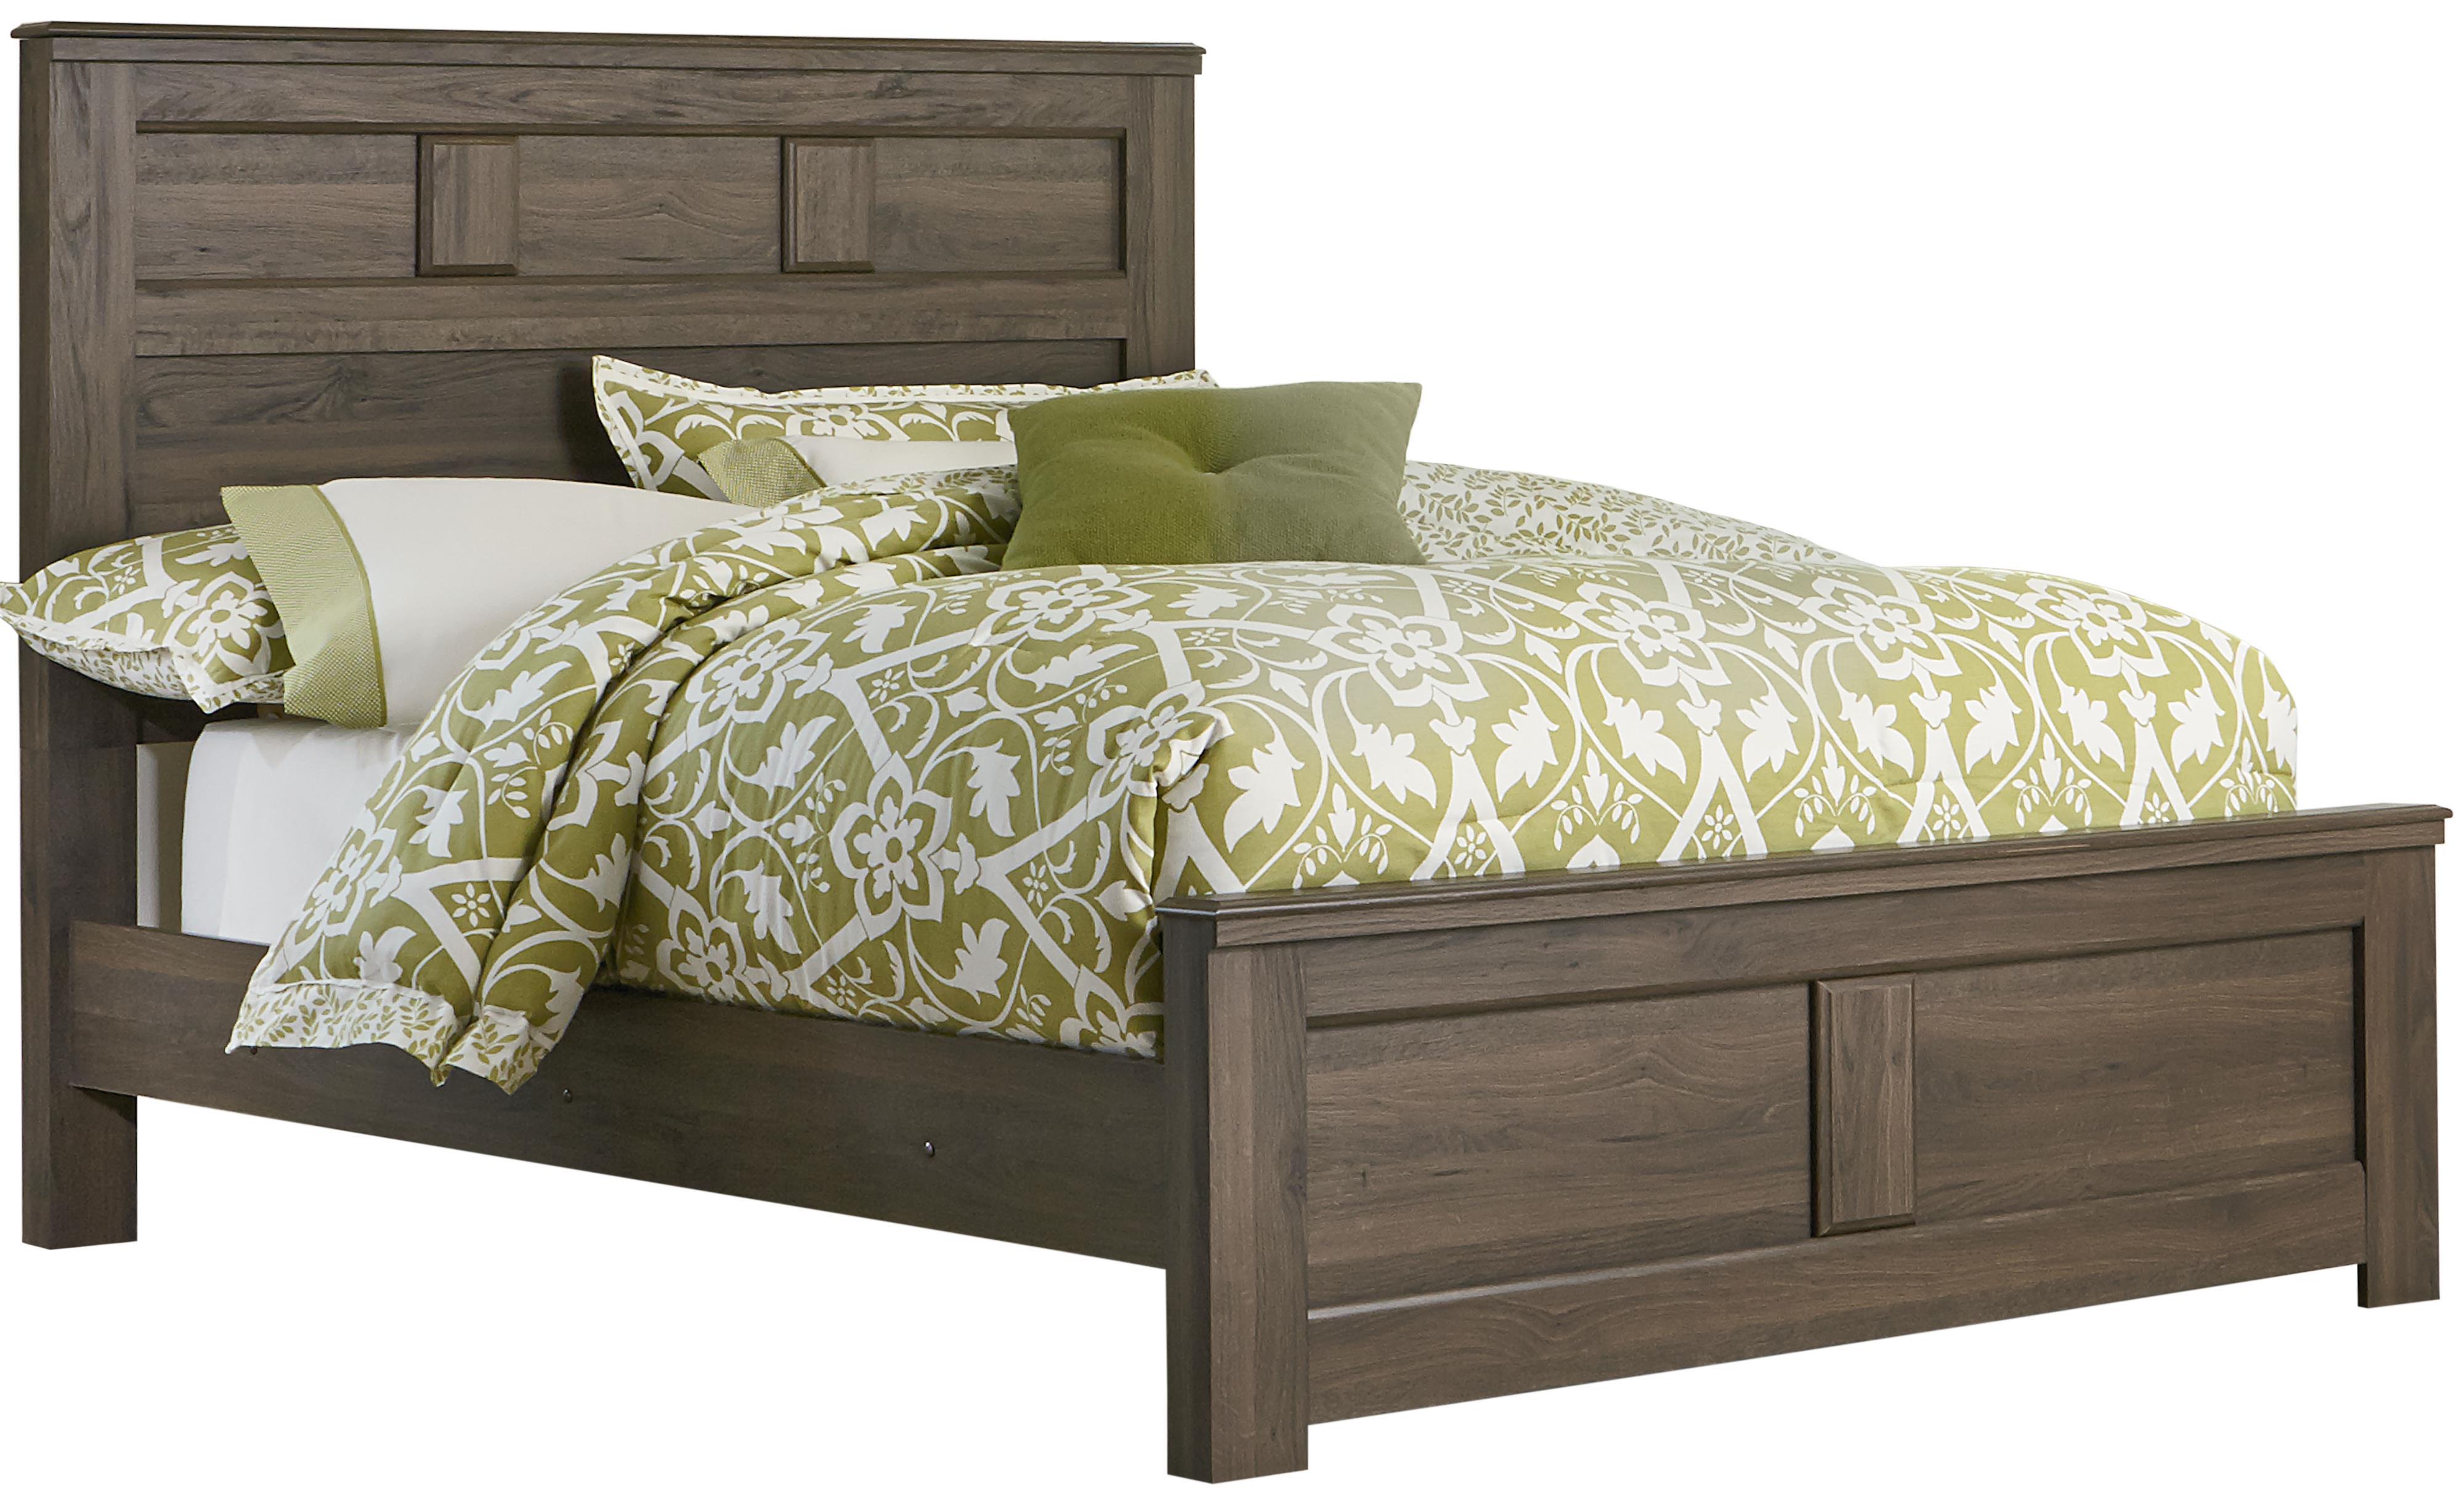 Standard Furniture Hayward Queen Panel Bed - Item Number: 56502+12+30